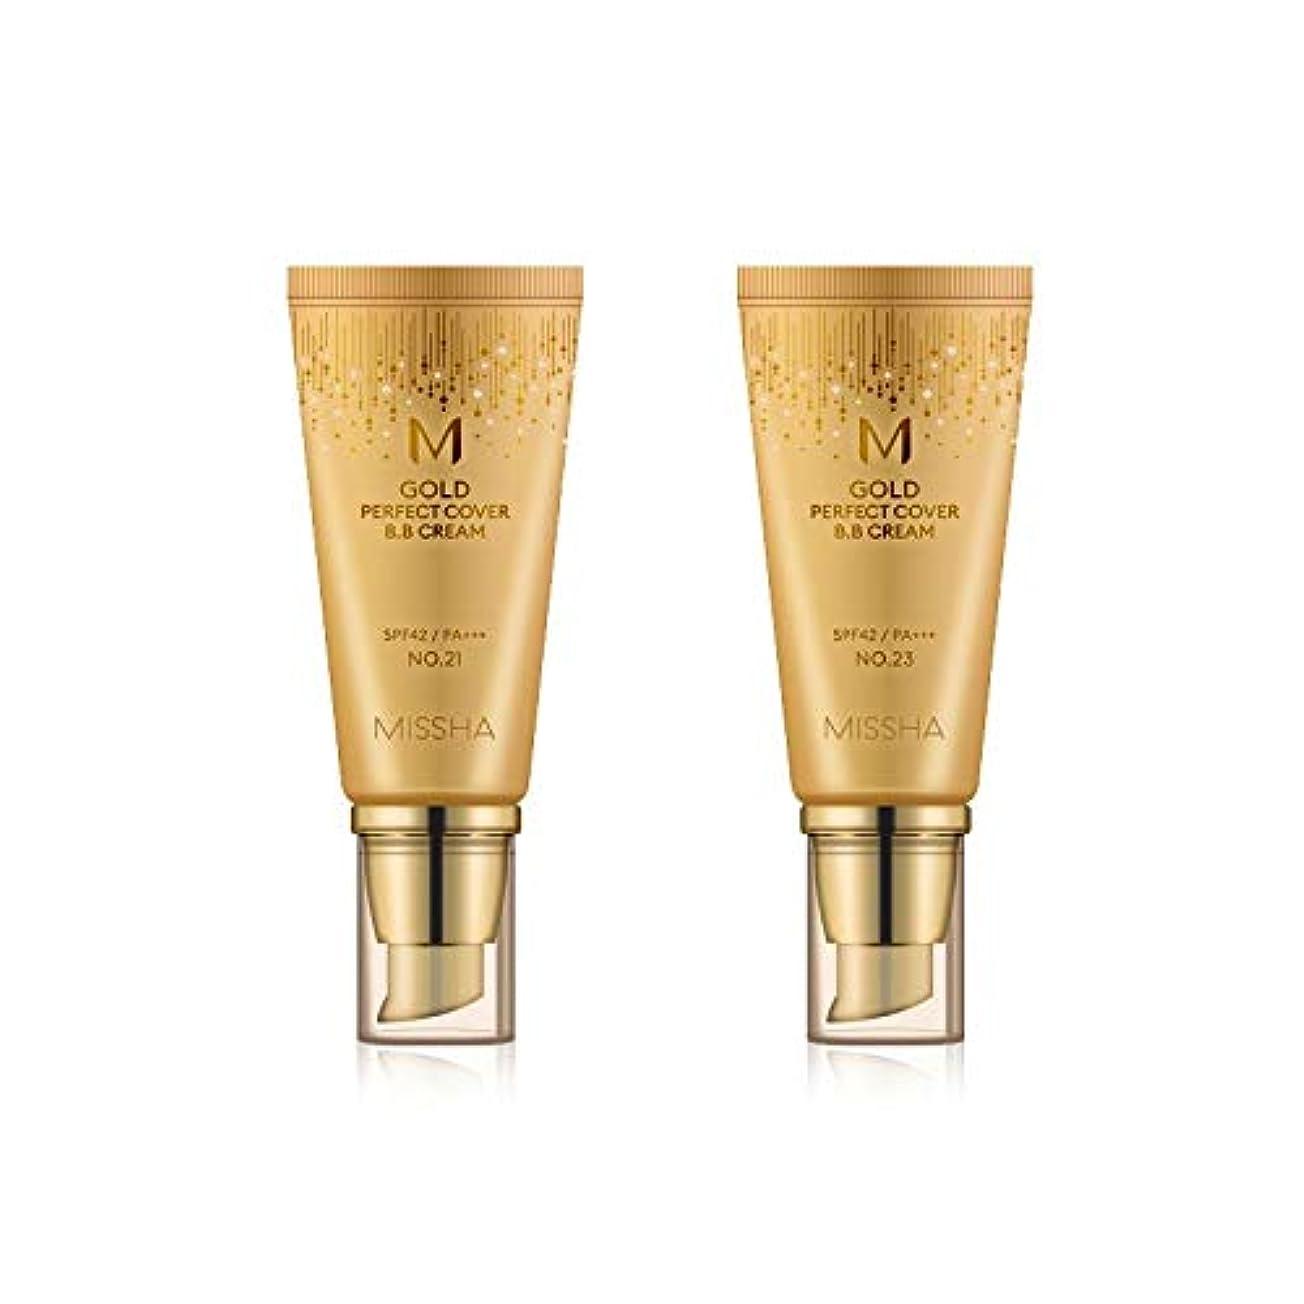 組み立てるウナギ教会MISSHA Gold Perfecte Cover BB Cream SPF42 PA+++ / ミシャ ゴールド パーフェクト カバー BBクリーム 50ml *NO.23 [並行輸入品]